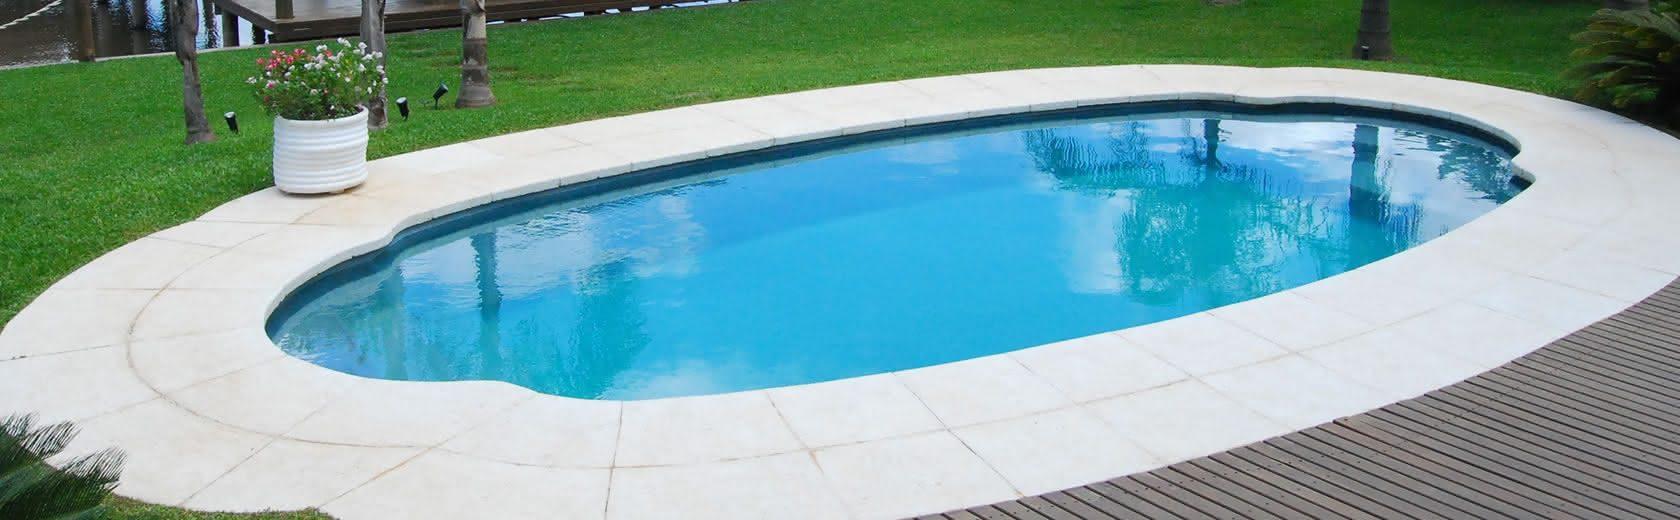 Piscinas de fibra piso para piscina - Piscinas de fibra ...